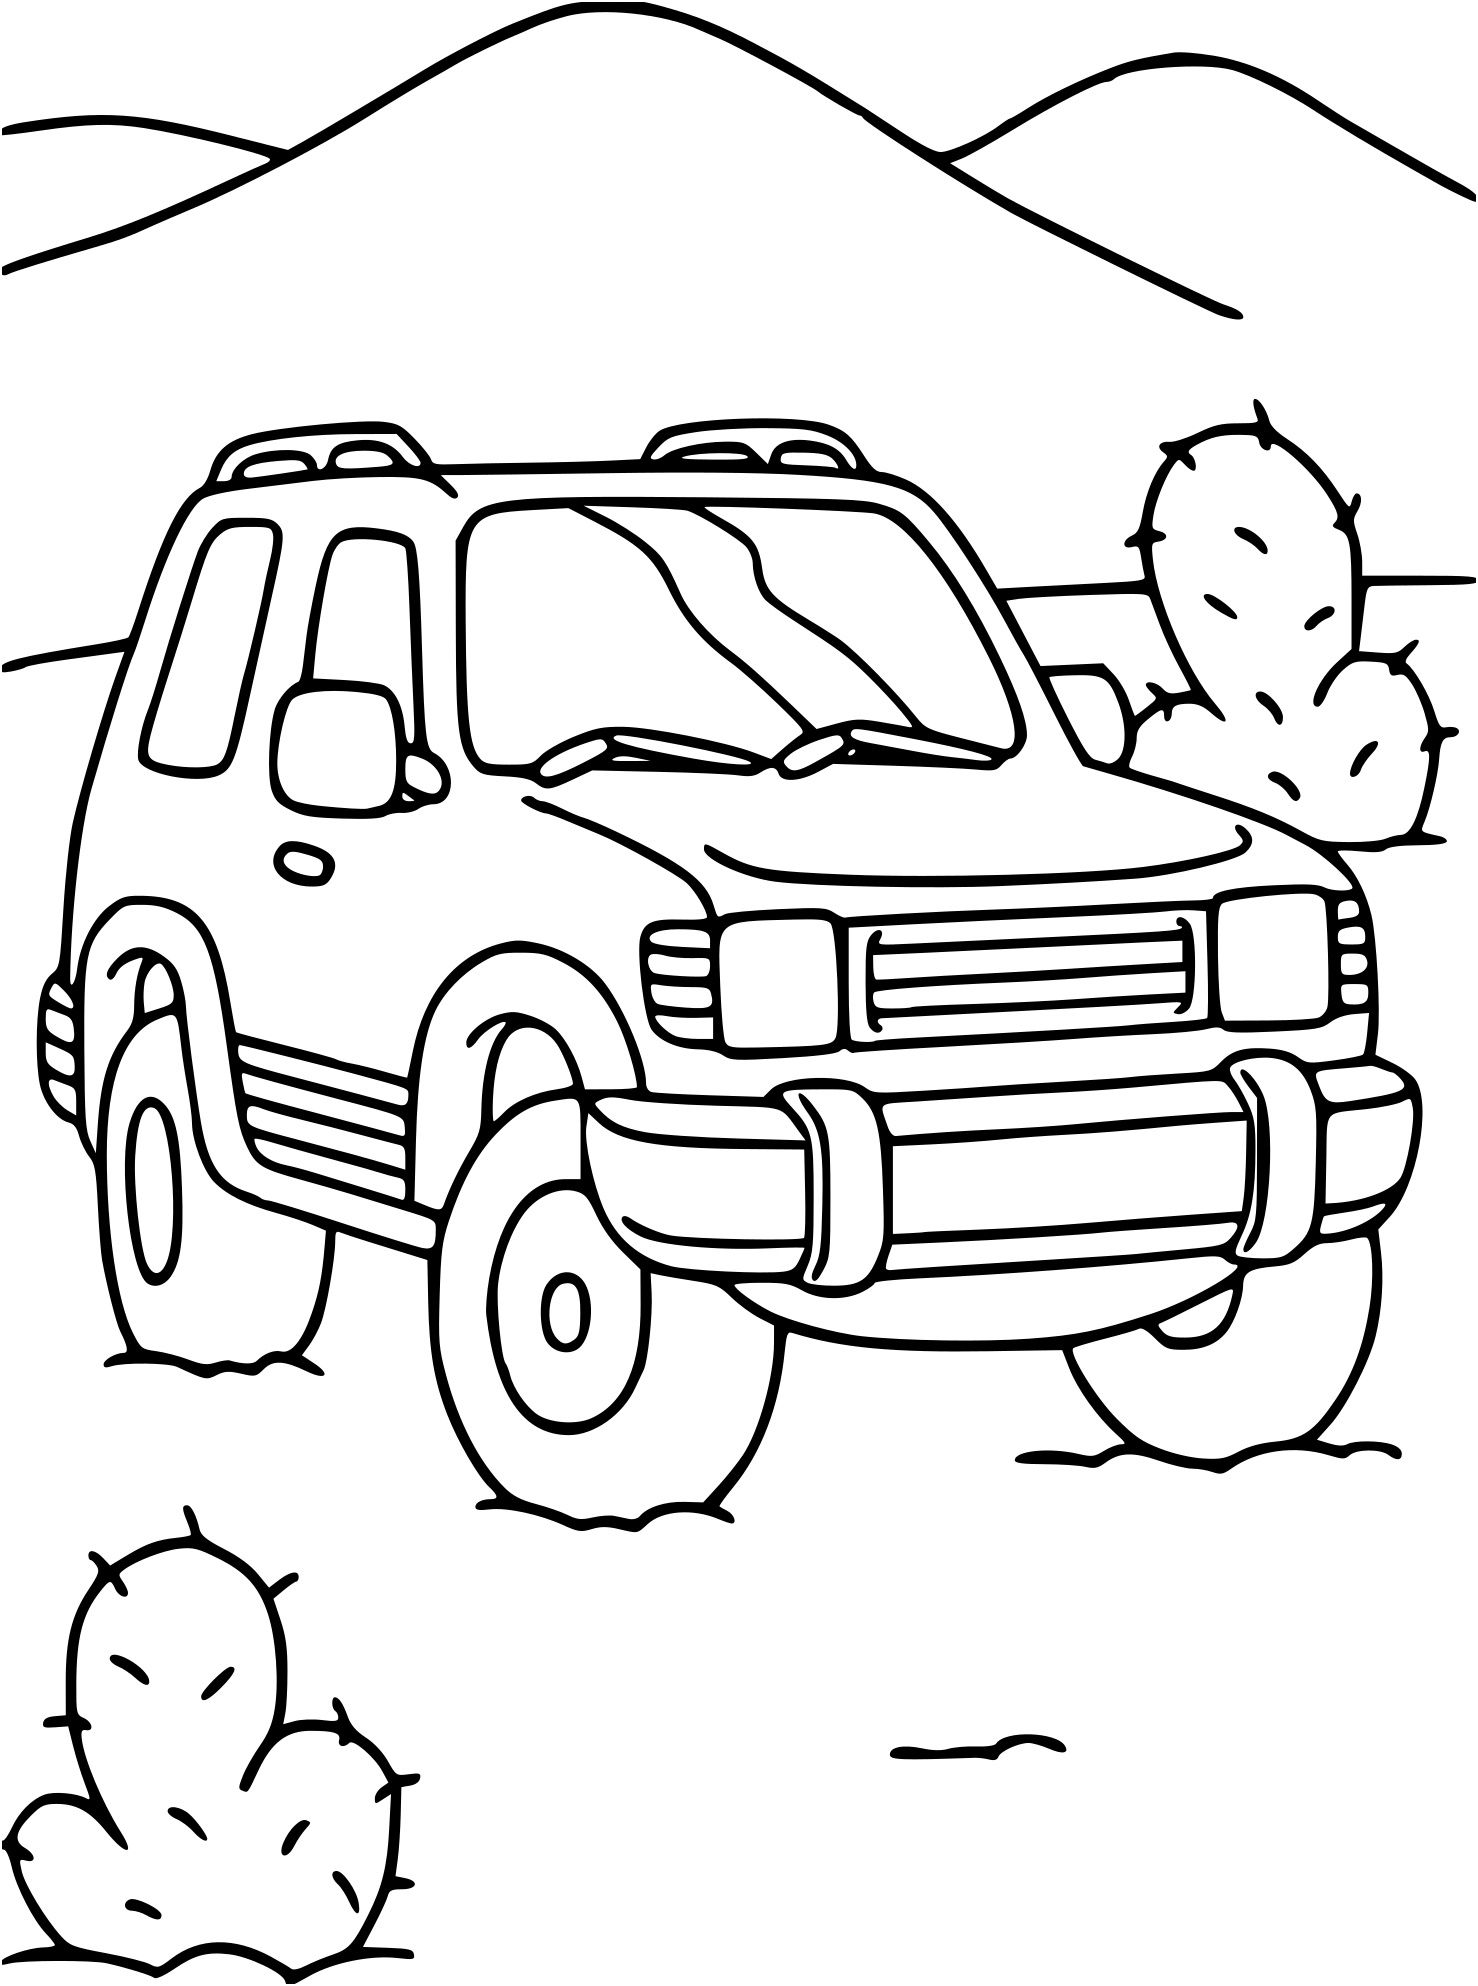 dessin 4x4 - Les dessins et coloriage